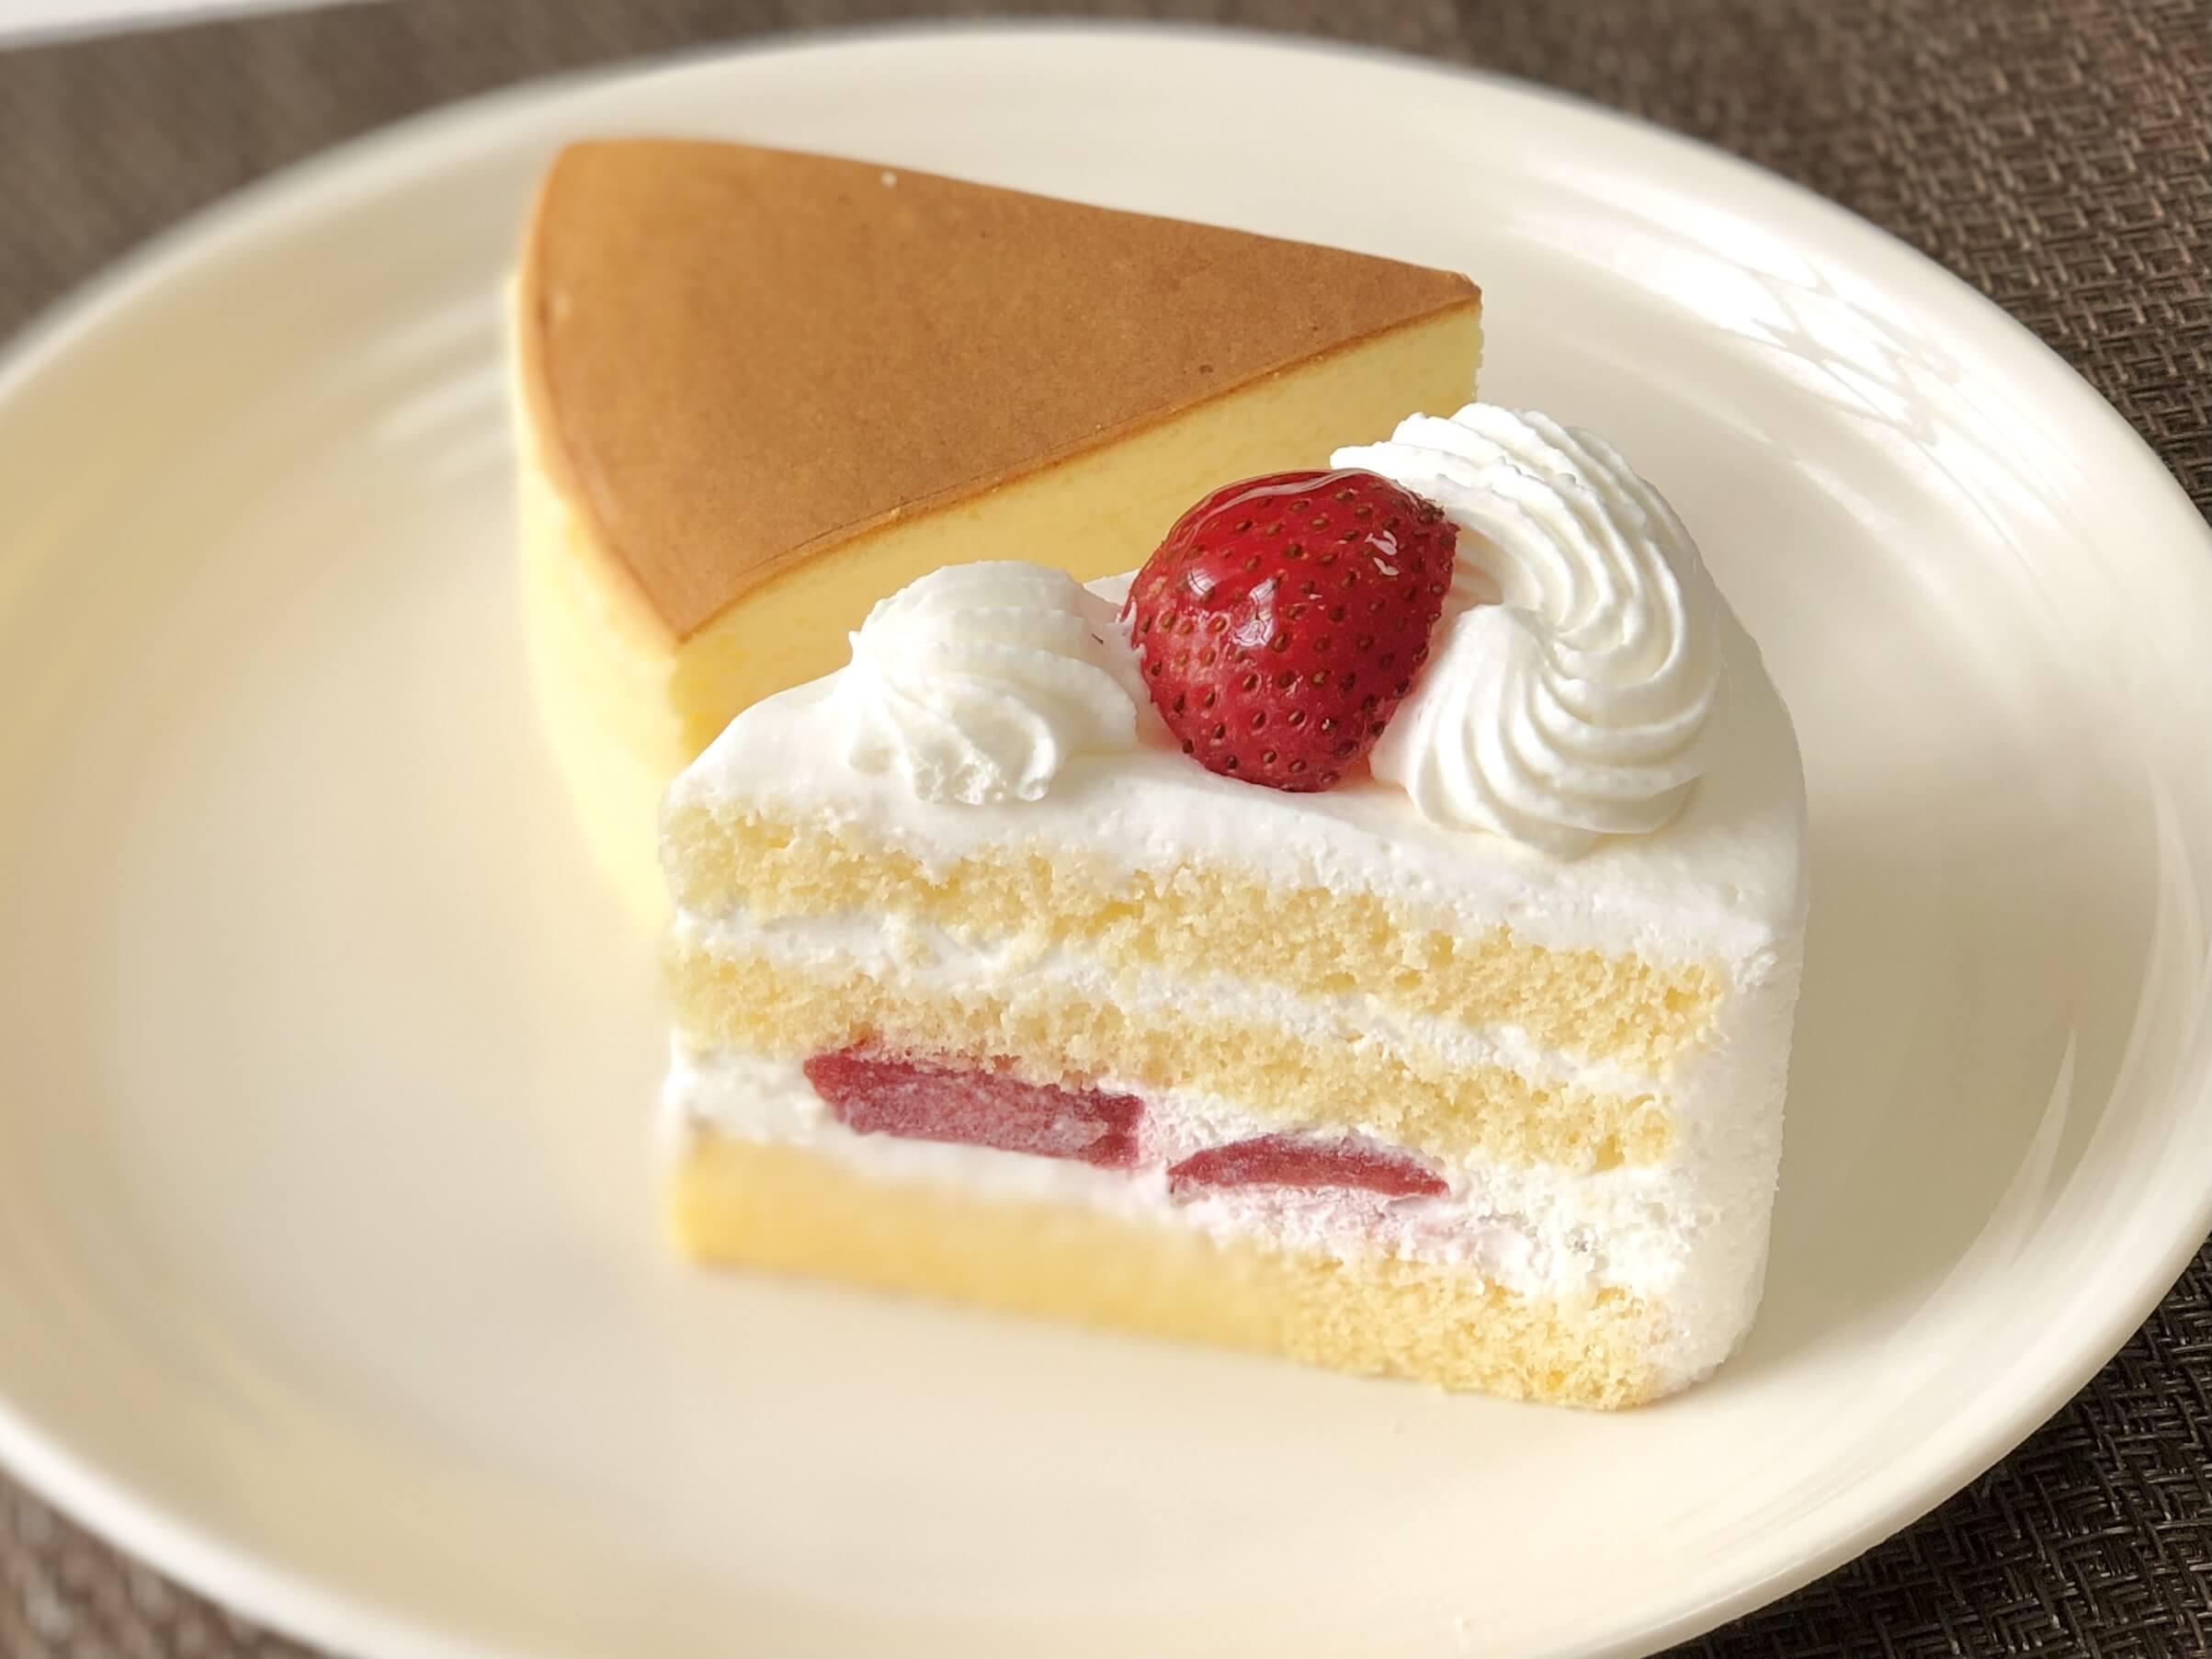 【お菓子のアトリエ アヤ – 熊本市北区楠 – 】6/28OPEN!! スッと溶けるスフレチーズケーキを是非食べてほしい